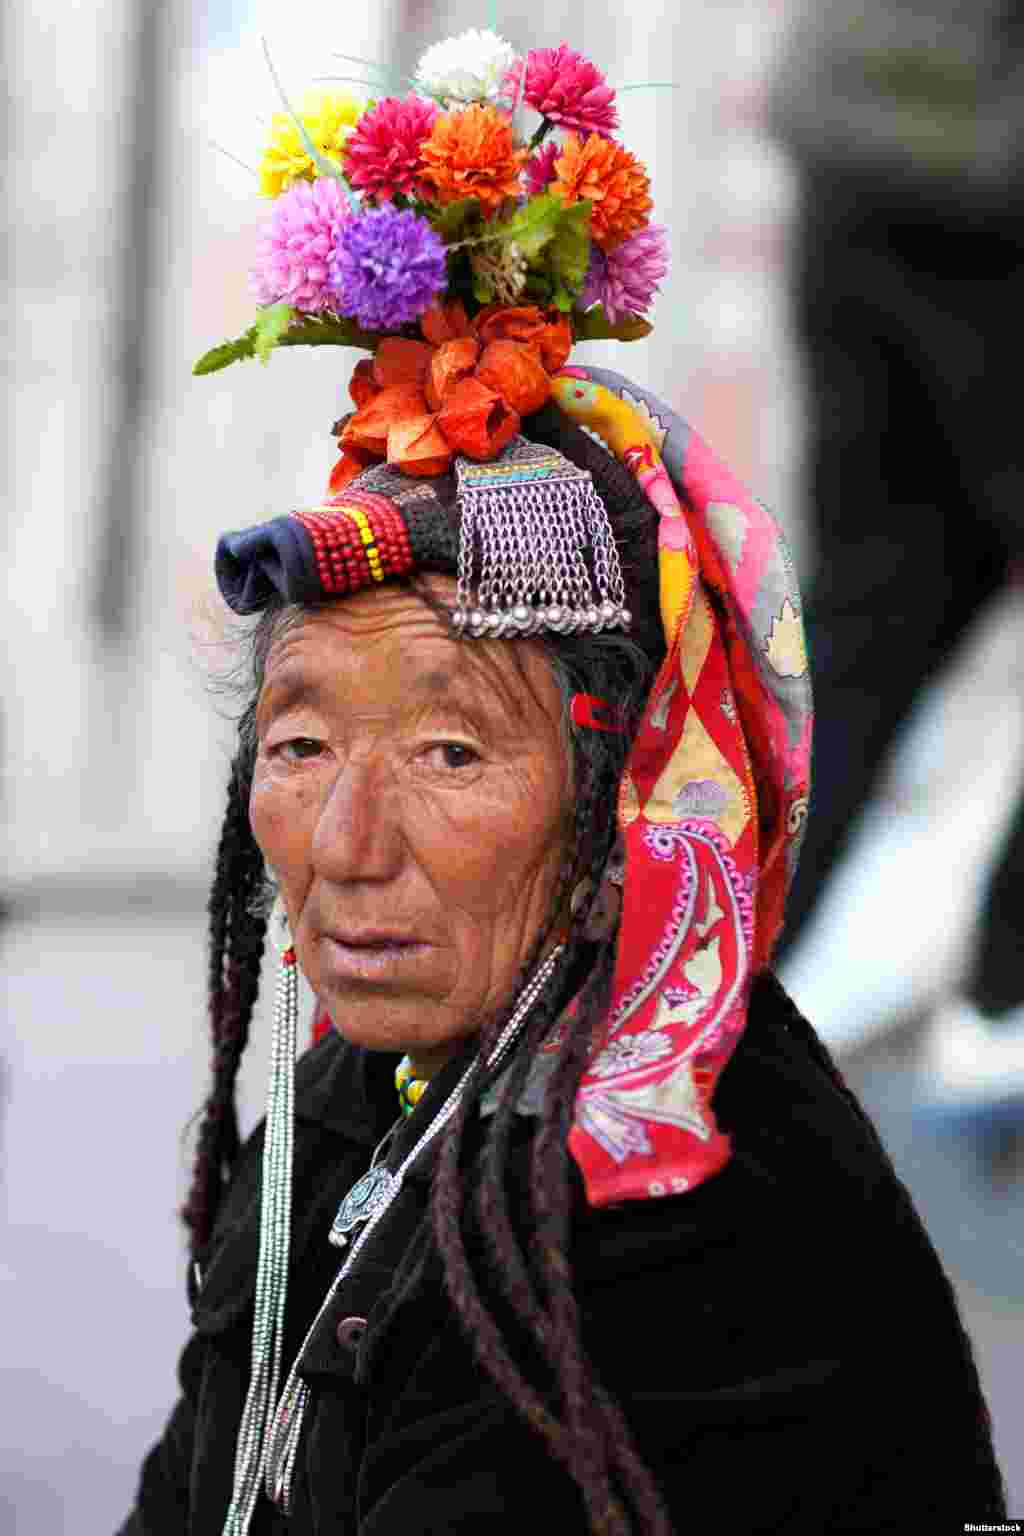 Культурне багатство народу дрокпа, частини індоіранської спільноти дардів, відображається у вишуканих вбраннях та прикрасах – і чоловічих, і жіночих. Вони кохаються на квітах і завжди мають їх на собі як елемент своїх прикрас. Вони люблять грати музику, танцювати і співати. Їхнім основним джерелом доходу є вирощування і продаж фруктів та овочів і продуктів із них